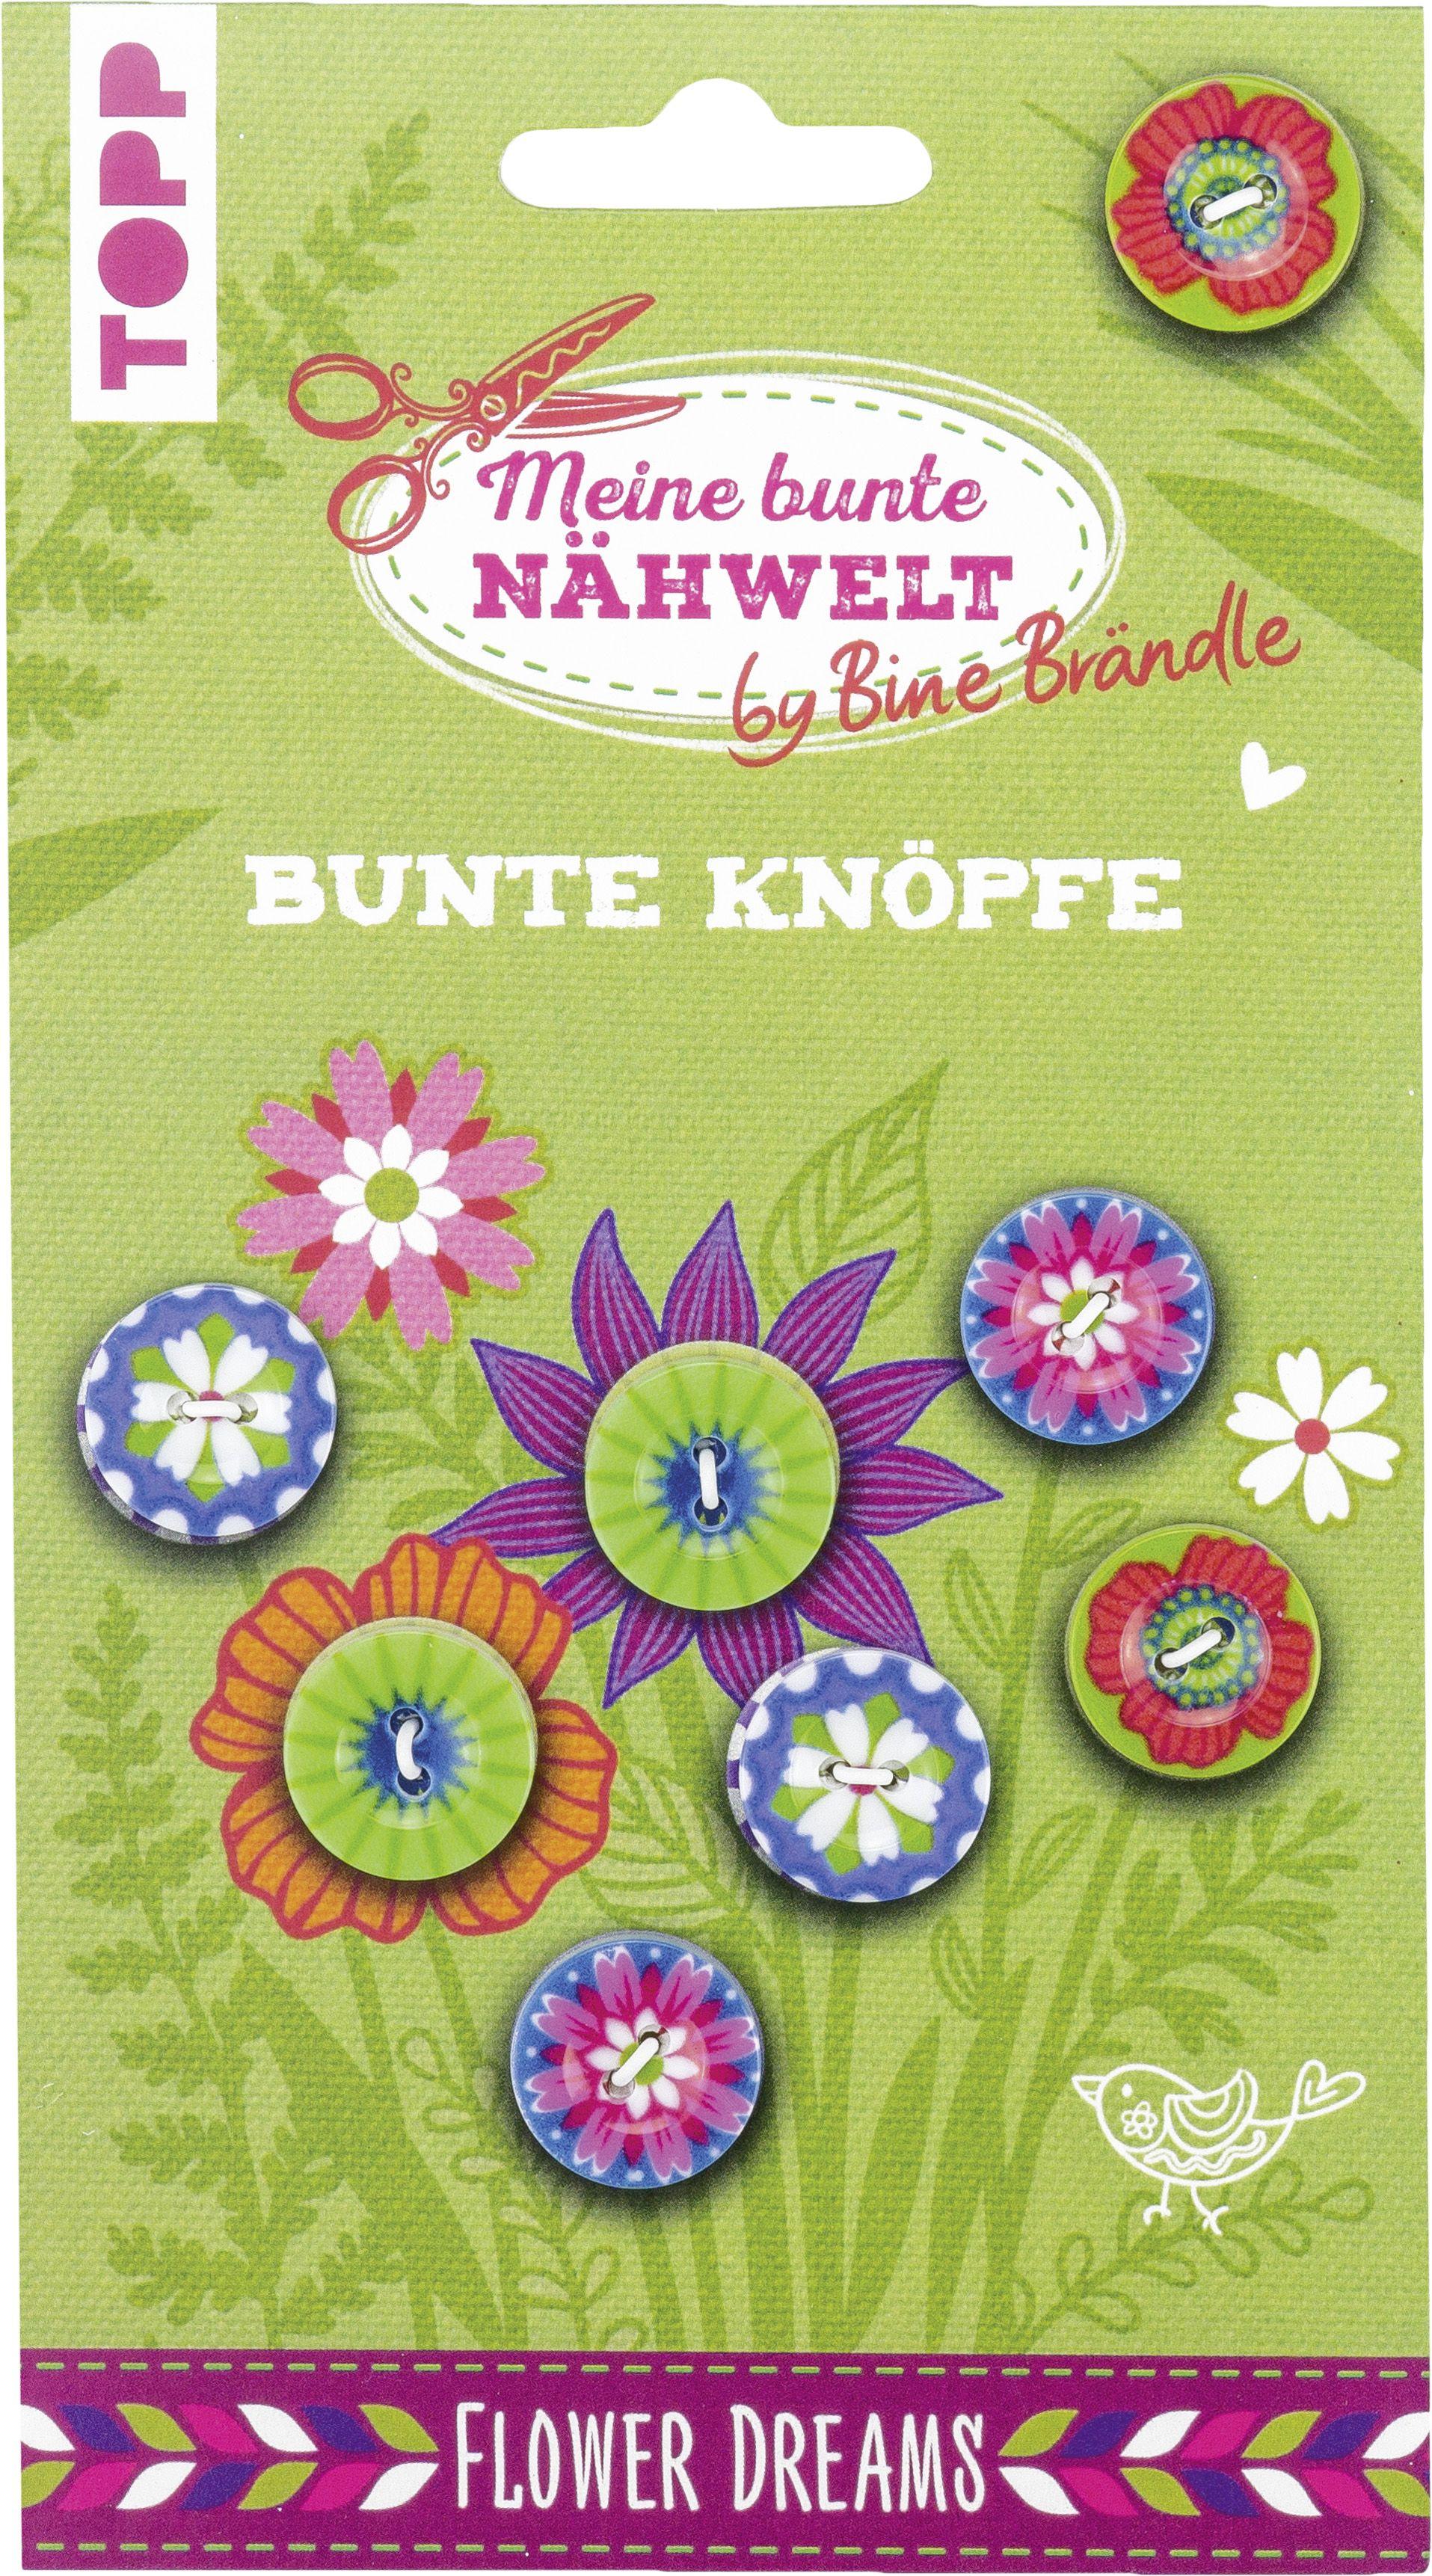 Knöpfe Weihnachtsmotive.Bine Brändle Bunte Knöpfe Flower Dreams Von Brändle Bine 8 Knöpf